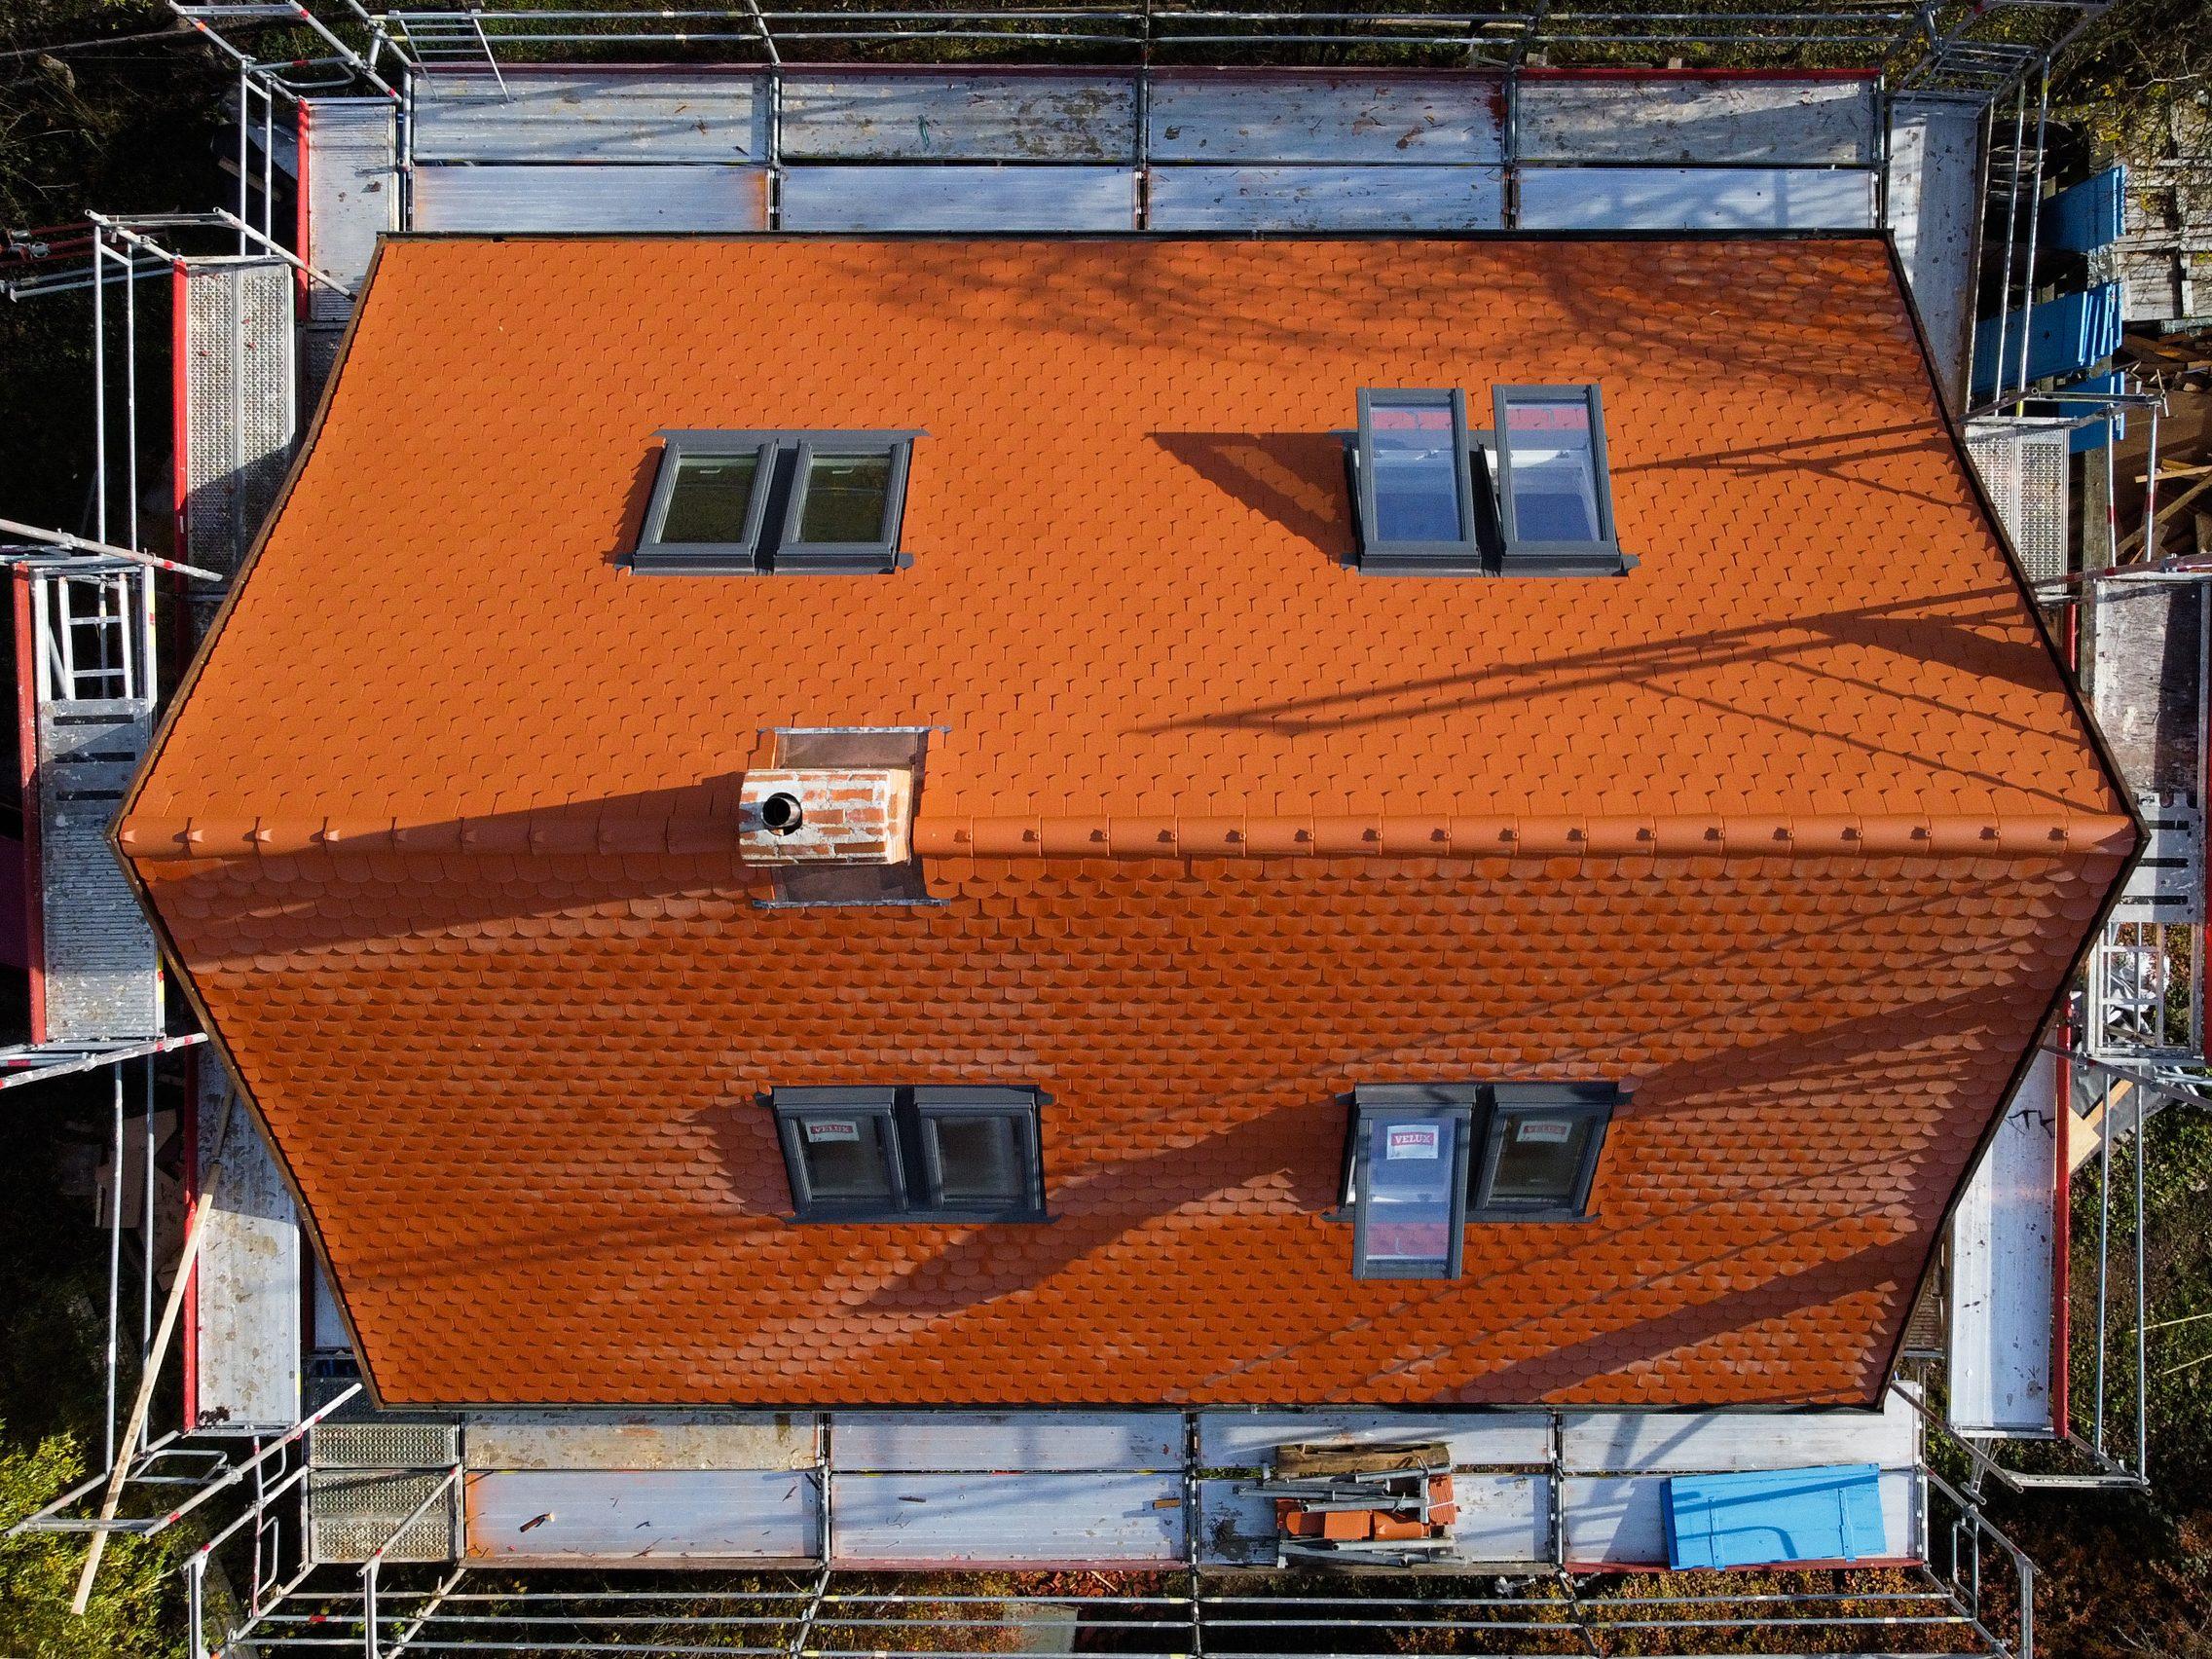 dachdeckerarbeiten-oben